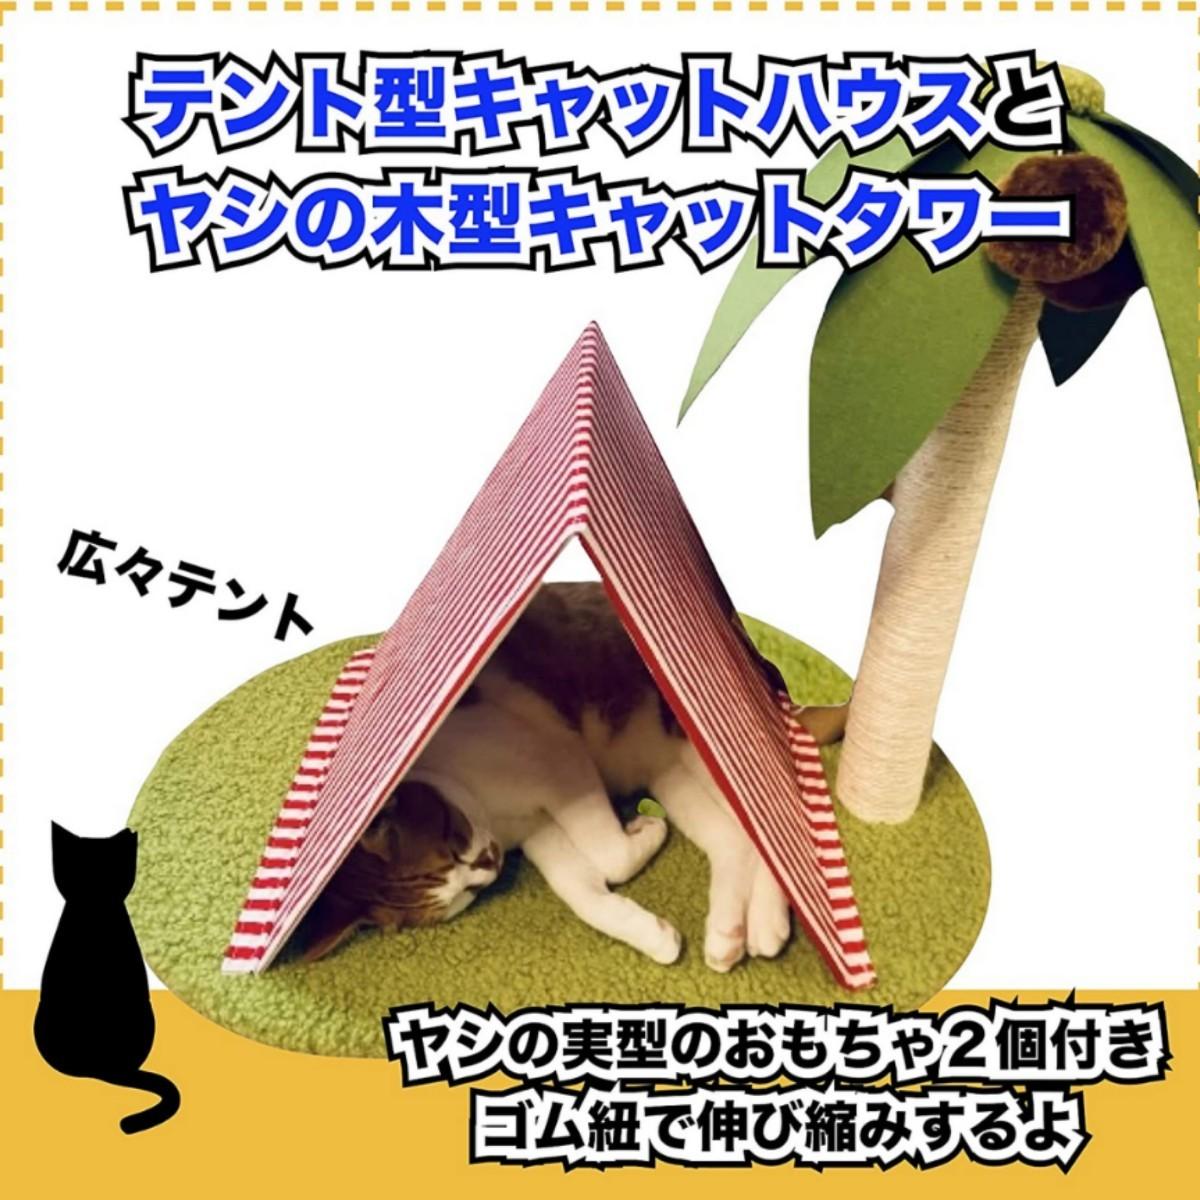 キャットタワー キャットハウス 猫 爪とぎ 可愛い テントハウス&ヤシの木タワー